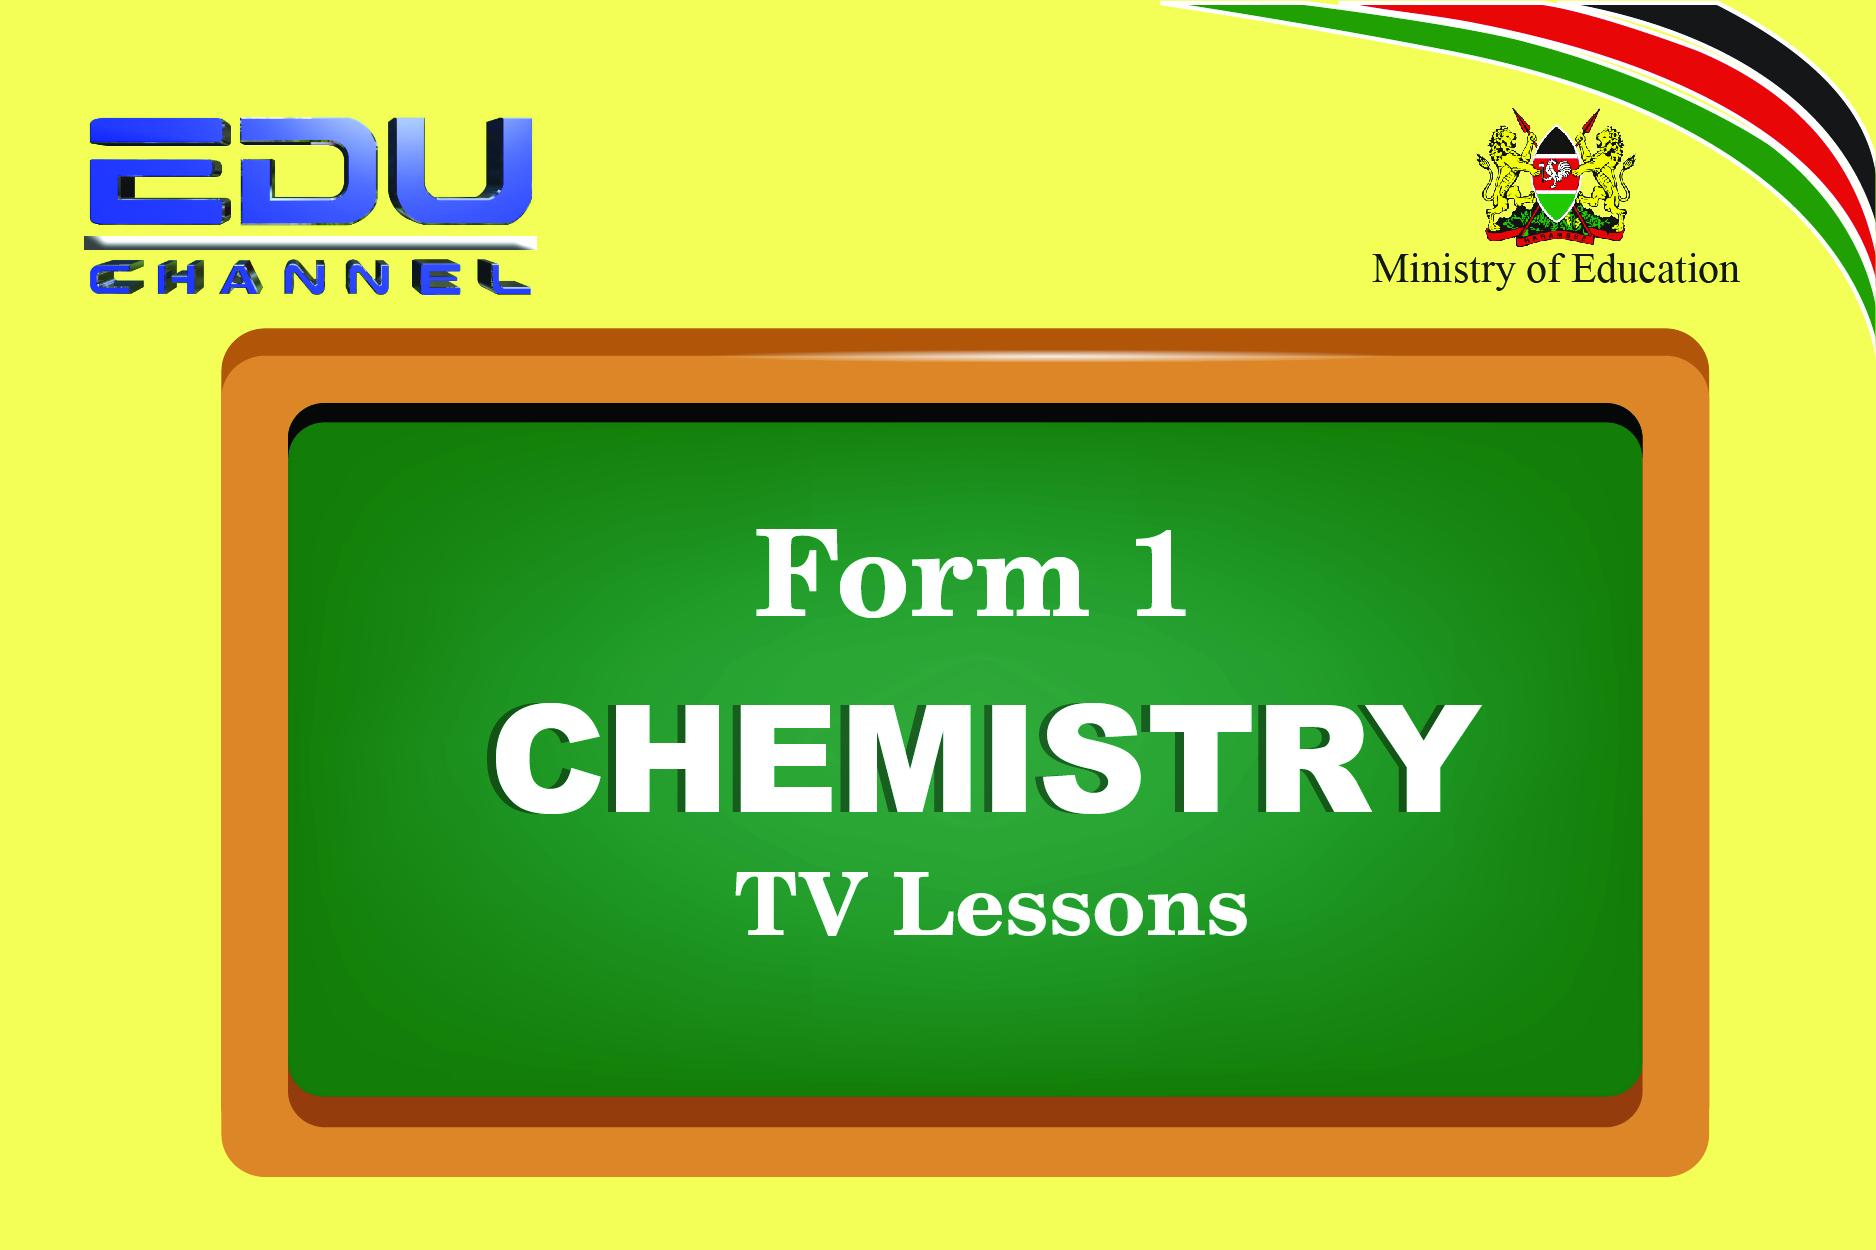 Form 1 Chemistry Lesson 2: Bunsen Burner